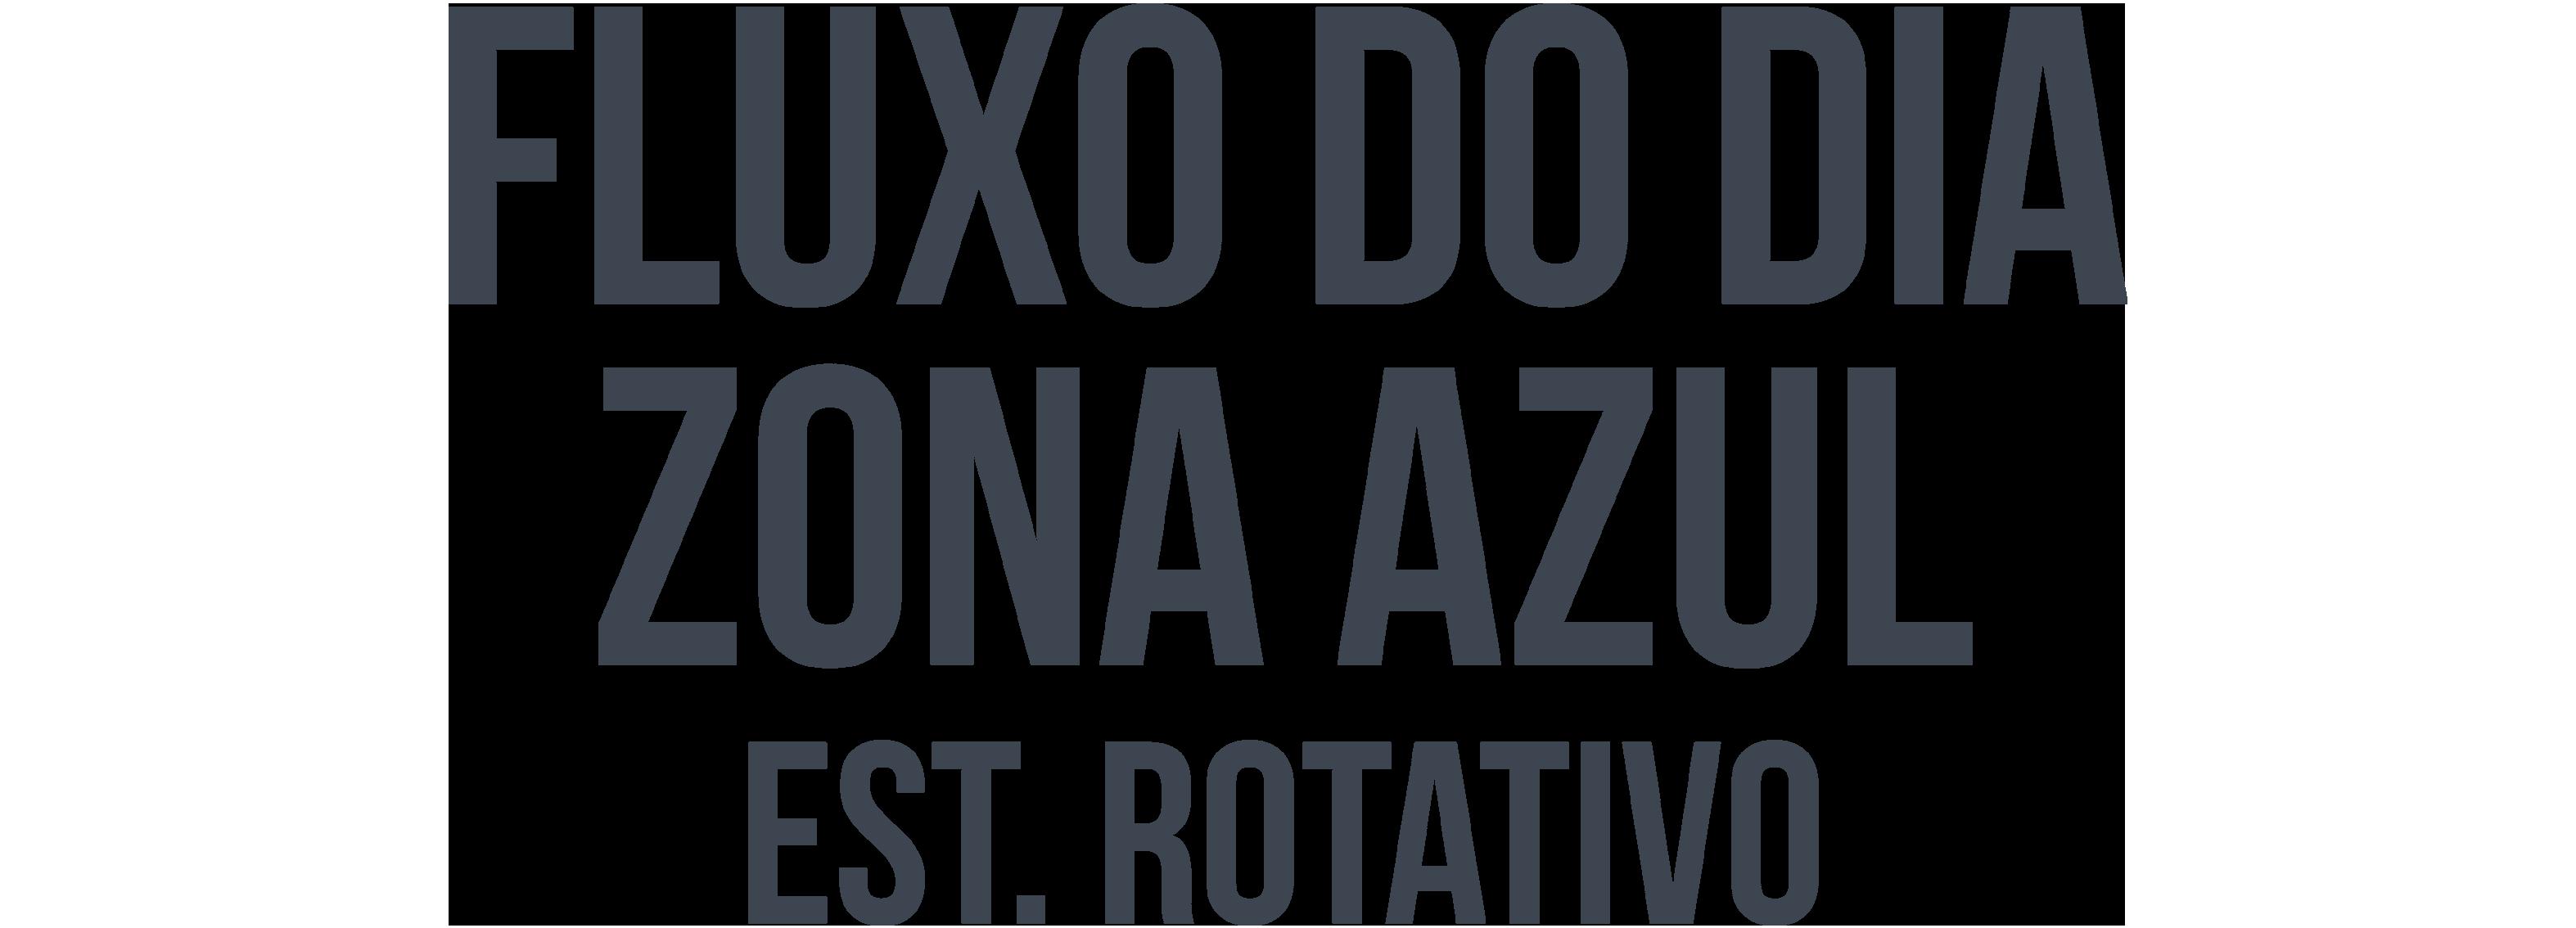 Fluxo diário Recurso Zona Azul texto